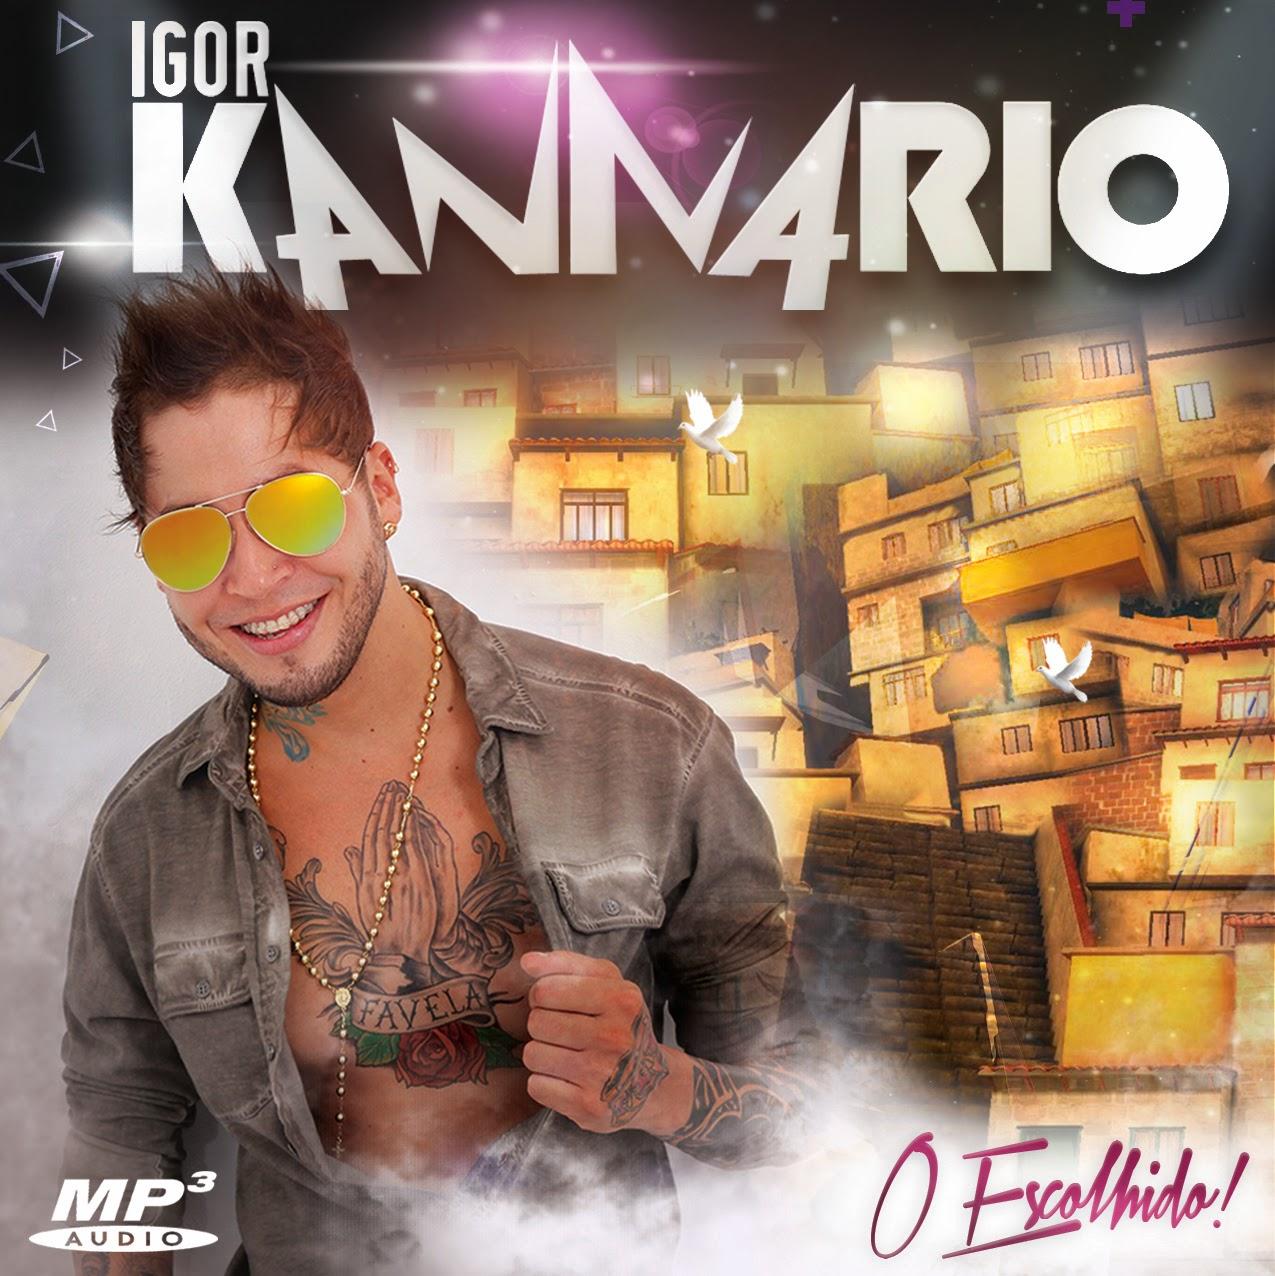 Igor Kannário - O Escolhido - Verão 2015,igor kannario mp3,baixar cd completo,baixaki músicas grátis,música nova de igor kannario,igor kannario ao vivo,cd novo de igor kannario,baixar cd de igor kannario 2015,igor kannario,ouvir igor kannario,ouvir pagodes,igor kannario,os melhores pagodes,baixar cd completo de igor kannario,baixar igor kannario grátis,baixar igor kannario,baixar igor kannario atual,igor kannario 2015,baixar cd de igor kannario,igor kannario cd,baixar musicas de igor kannario,igor kannario baixar músicas